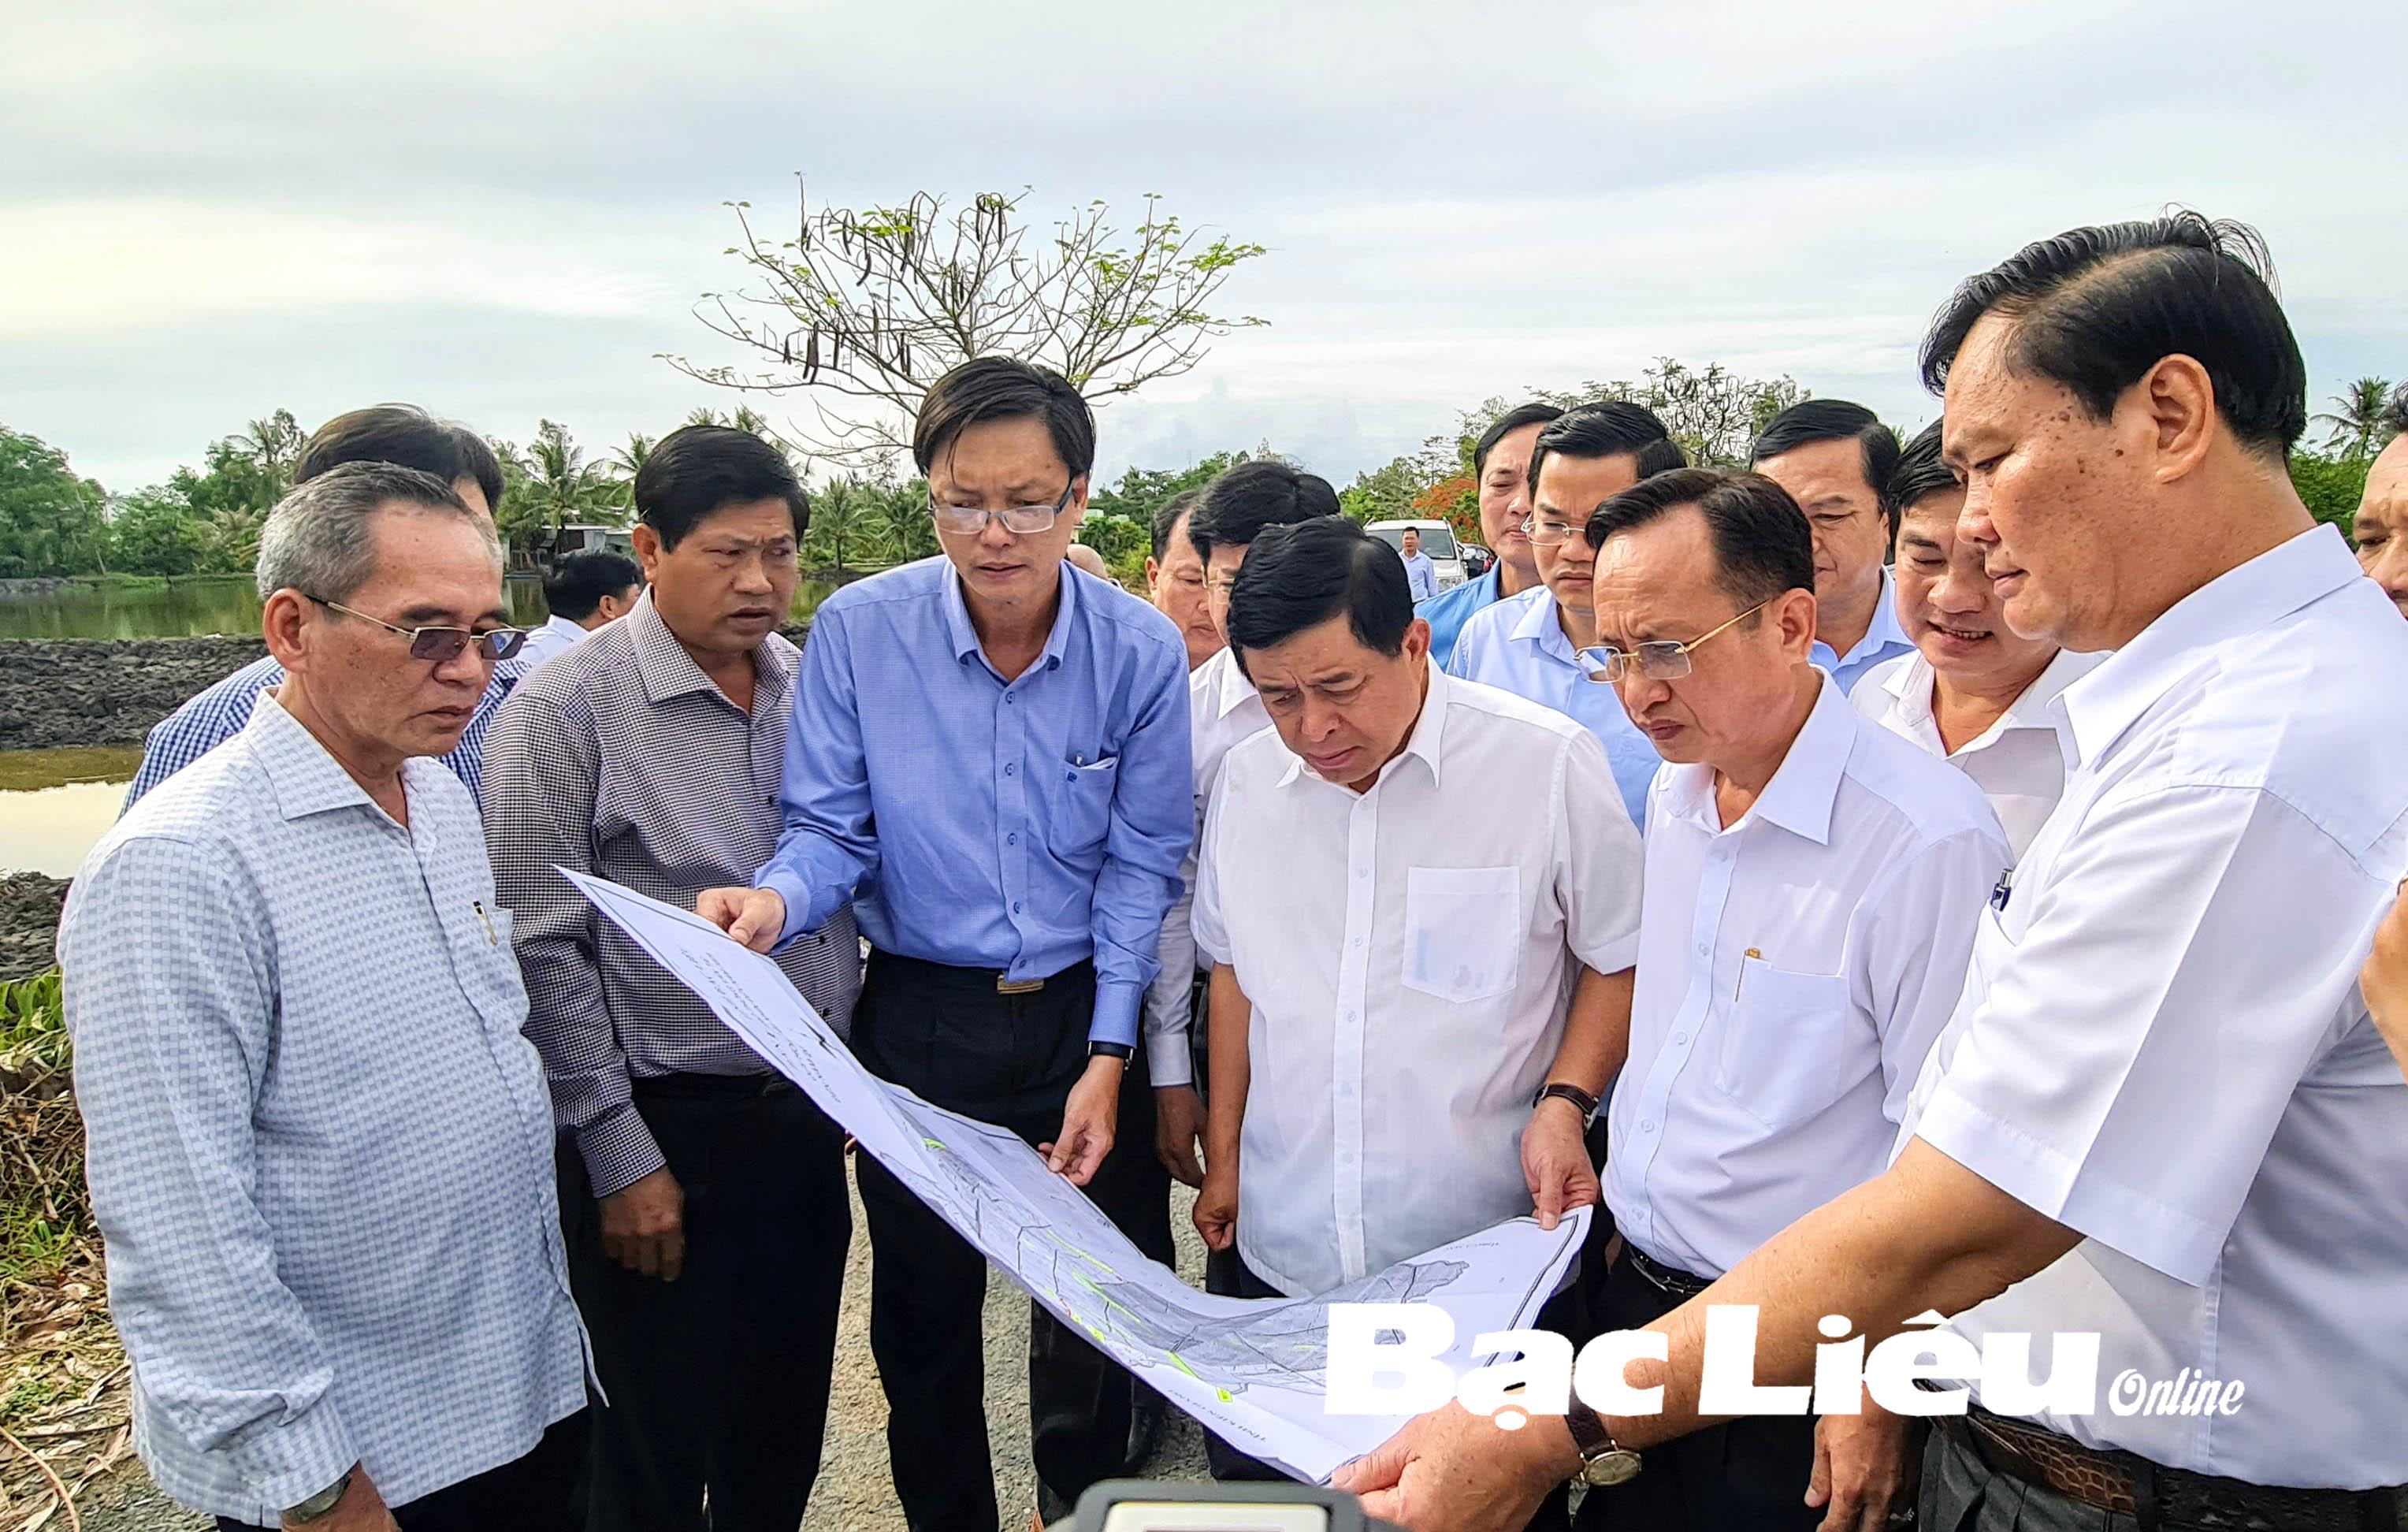 Bộ trưởng Bộ KH&ĐT - Nguyễn Chí Dũng: Khảo sát các dự án  trọng điểm của Bạc Liêu